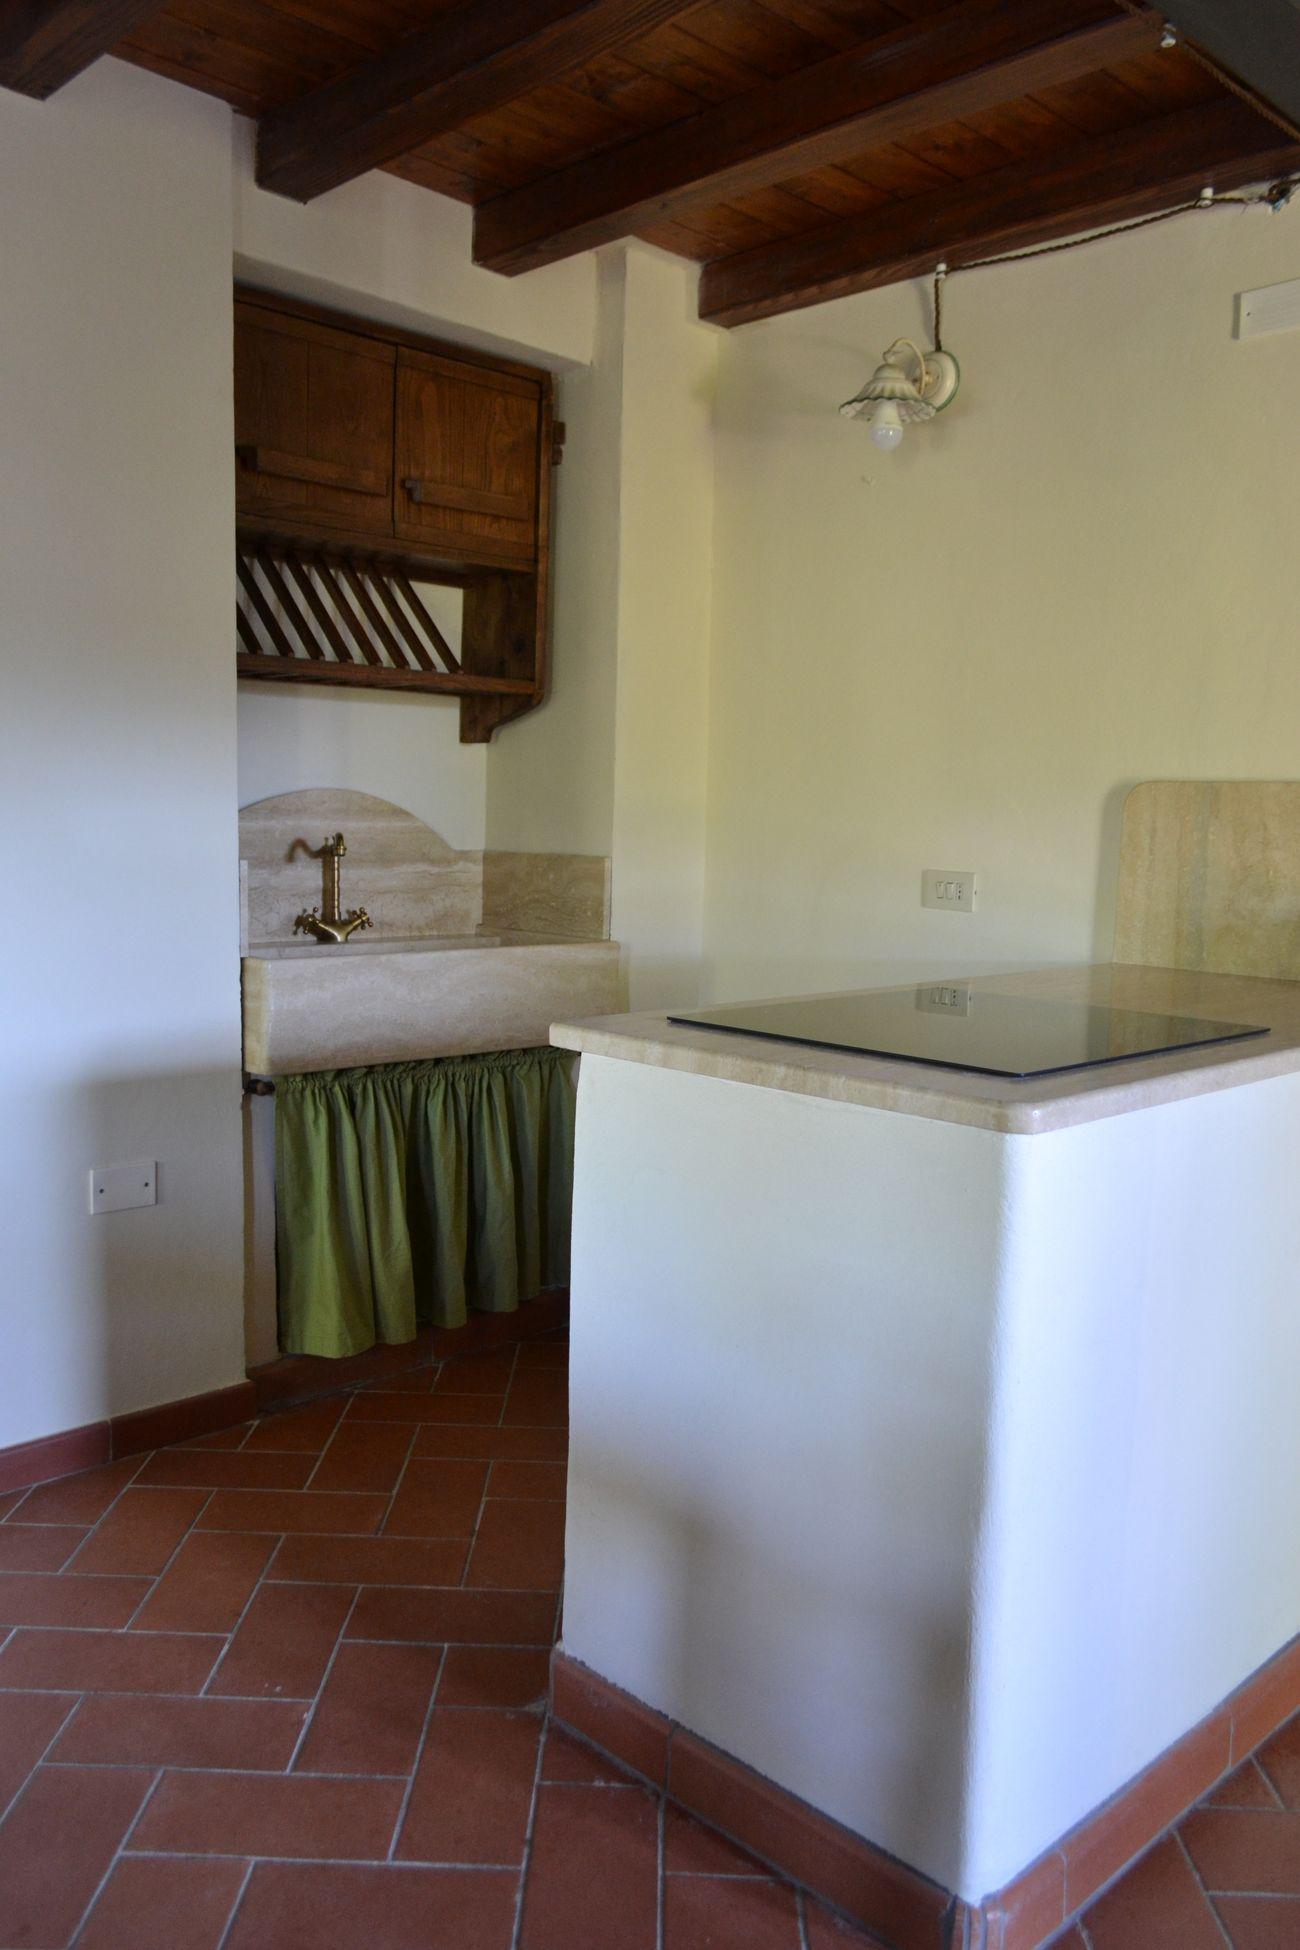 Cucina in stile rustico, piano di lavoro in travertino, fornelli ad induzione, mobili in legno di realizzazione artigianale.